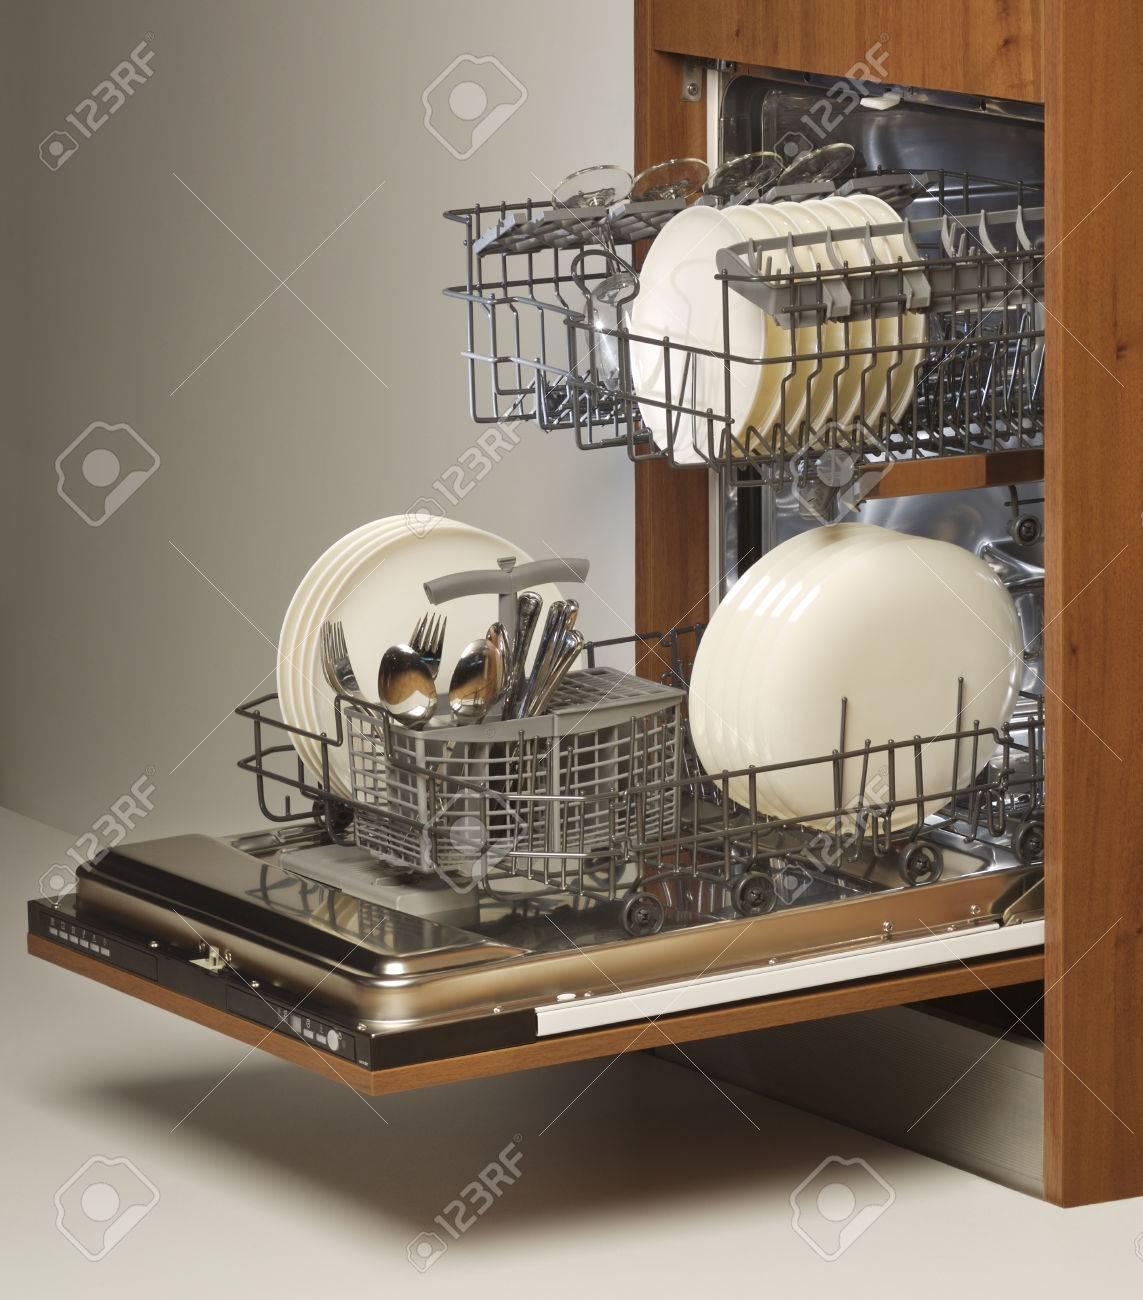 open dishwasher - 27848460